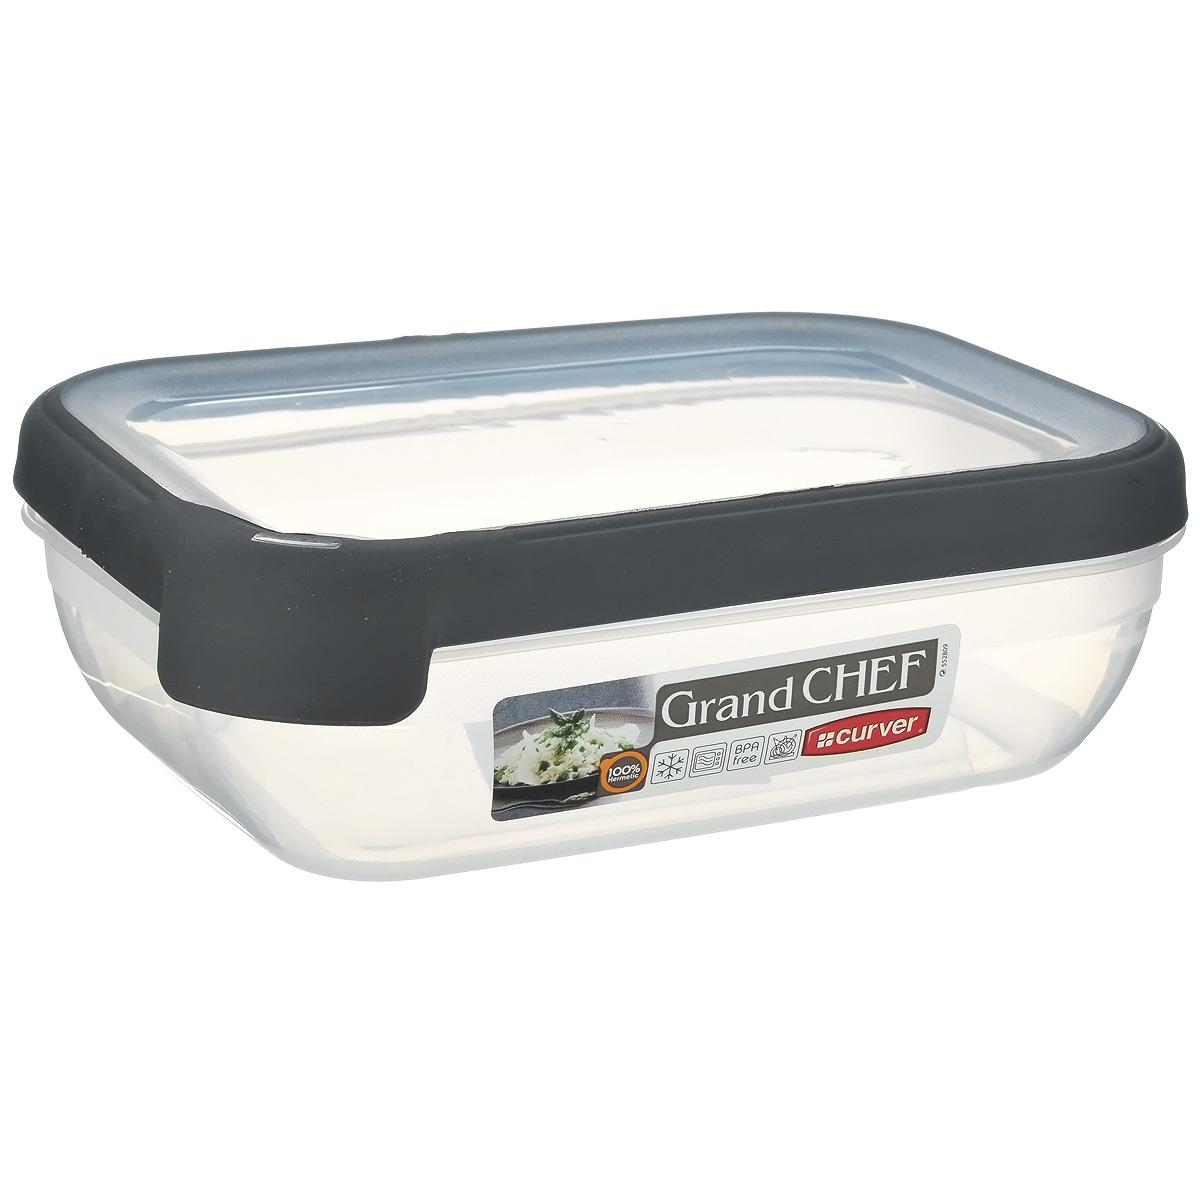 Емкость для заморозки и СВЧ Curver Grand Chef, цвет: серый, 1,2 л07379-673-03Прямоугольная емкость для заморозки и СВЧ Grand Chef изготовлена из высококачественного пищевого пластика (BPA free), который выдерживает температуру от -40°С до +100°С. Стенки емкости и крышка прозрачные. Крышка по краю оснащена силиконовой вставкой, благодаря которой плотно и герметично закрывается, дольше сохраняя продукты свежими и вкусными. Емкость удобно брать с собой на работу, учебу, пикник или просто использовать для хранения пищи в холодильнике. Можно использовать в микроволновой печи и для заморозки в морозильной камере. Можно мыть в посудомоечной машине.